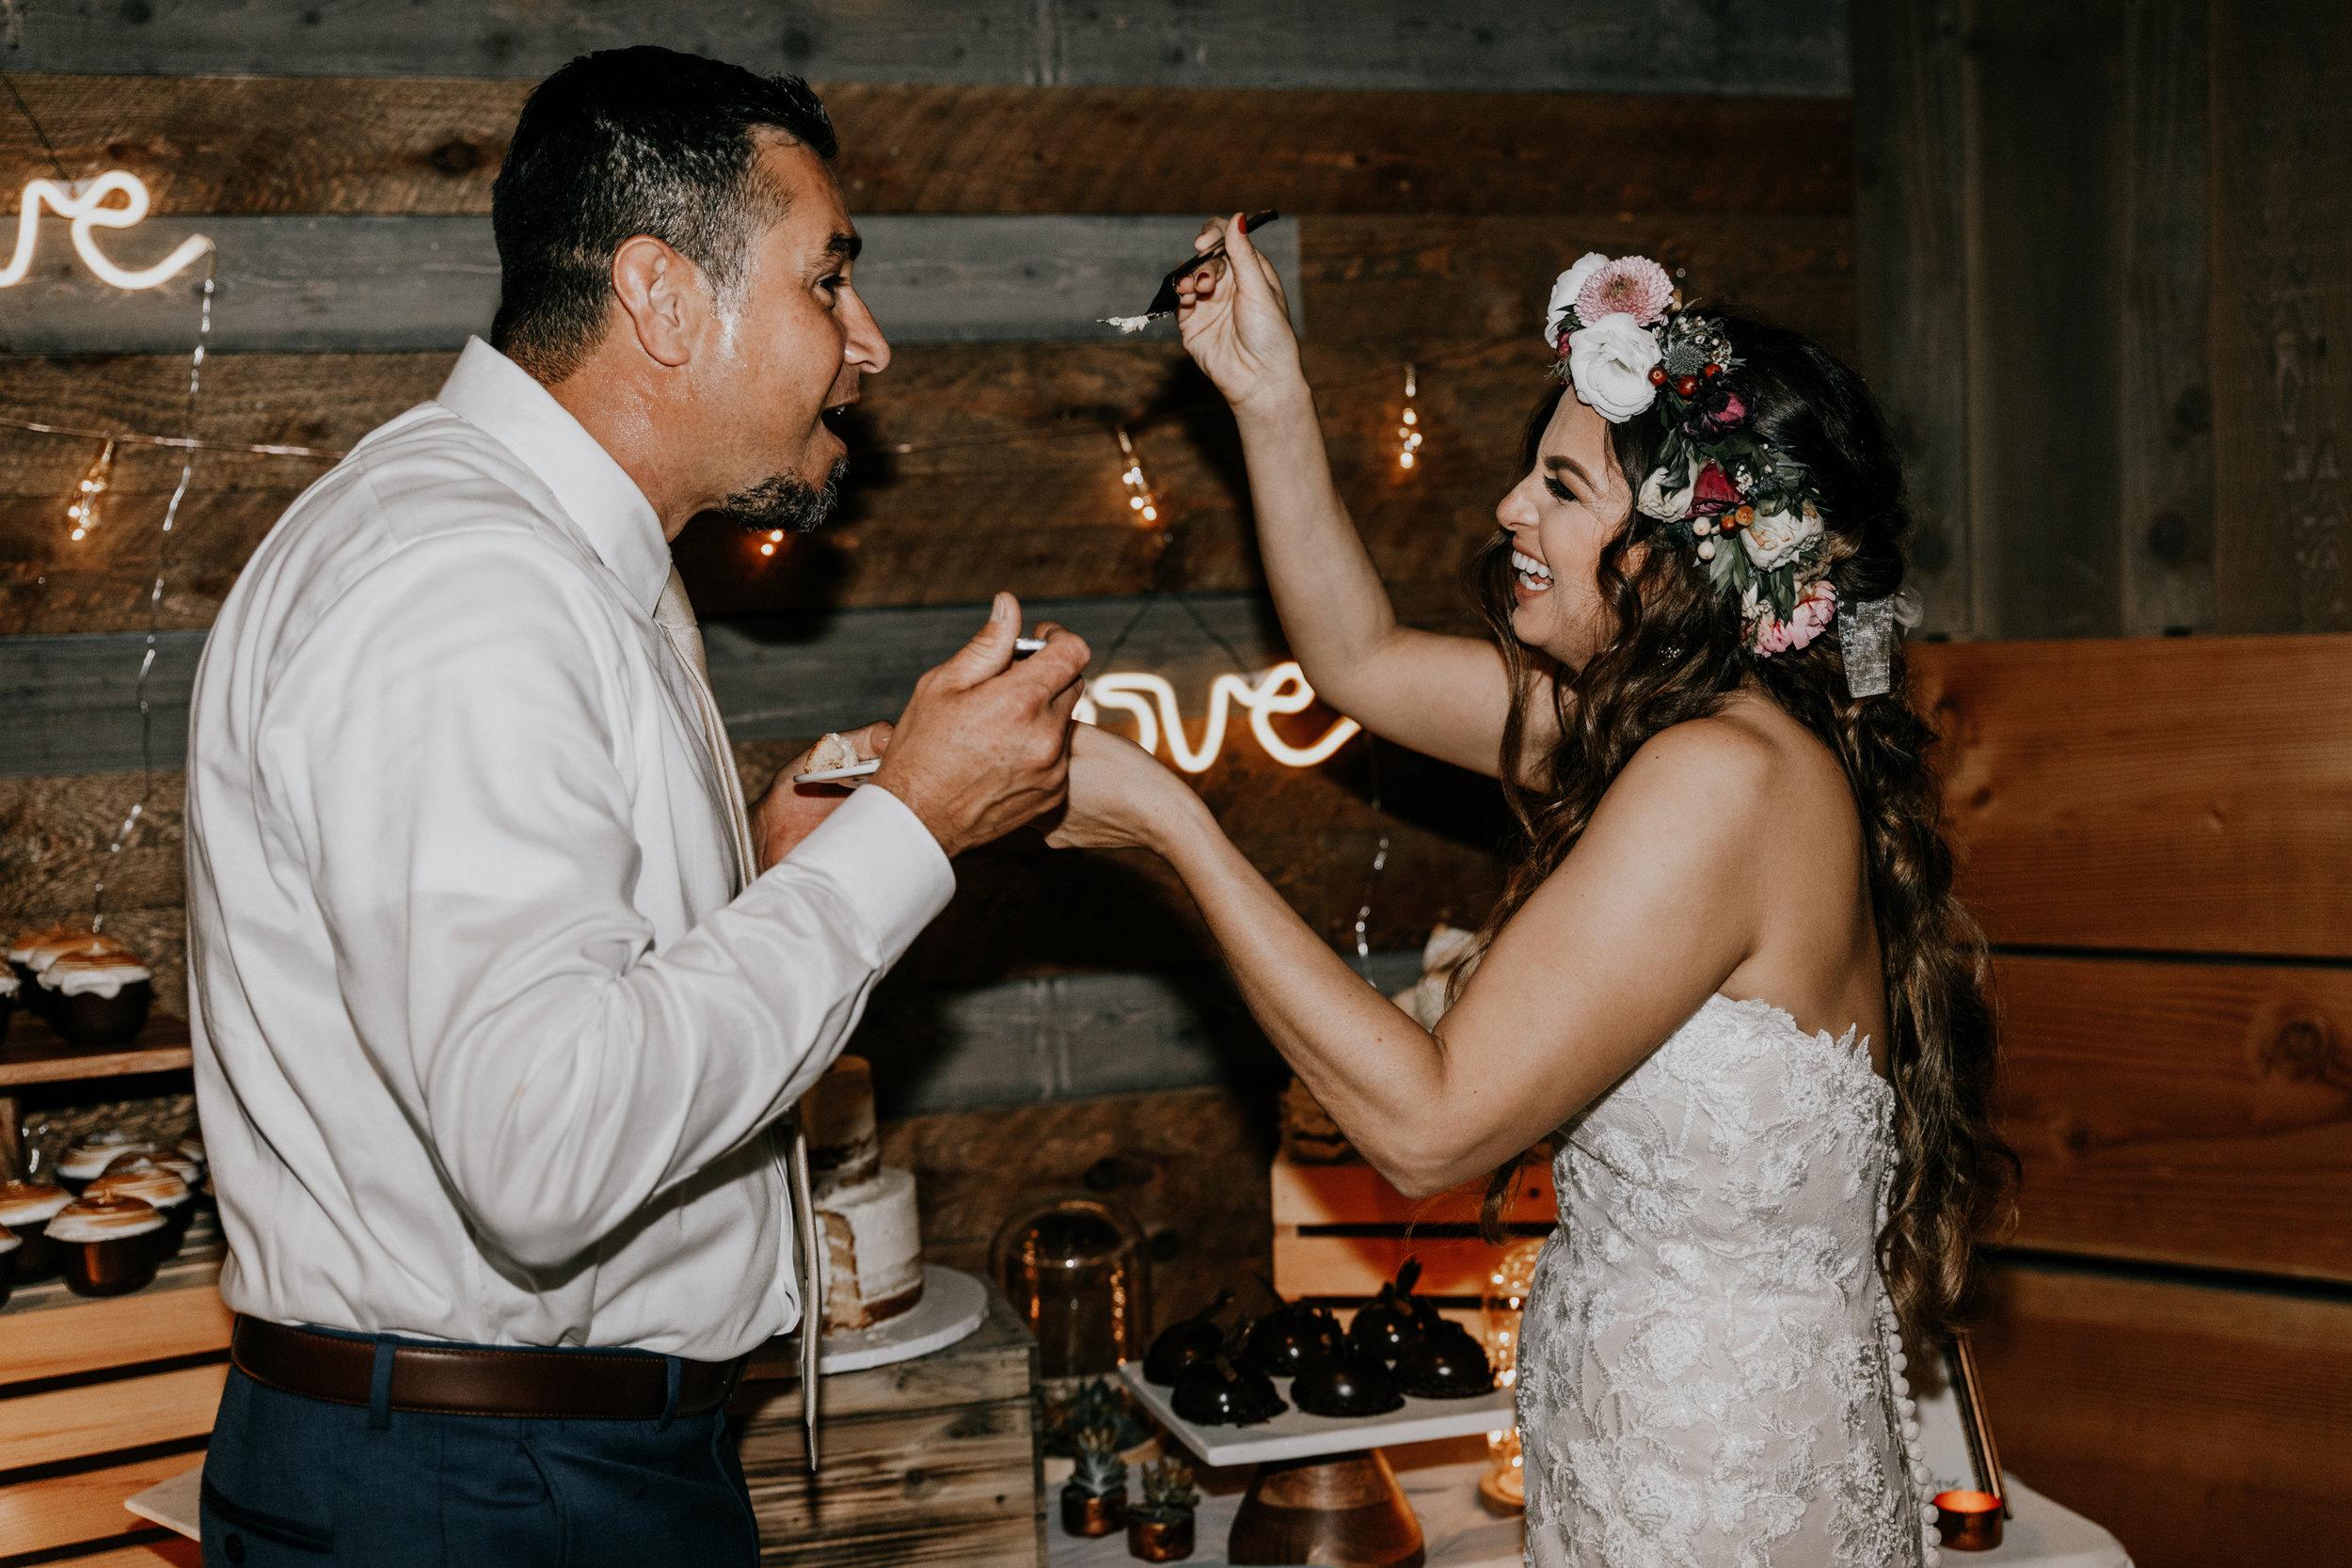 WeddingphotographersinLaJolla.jpg